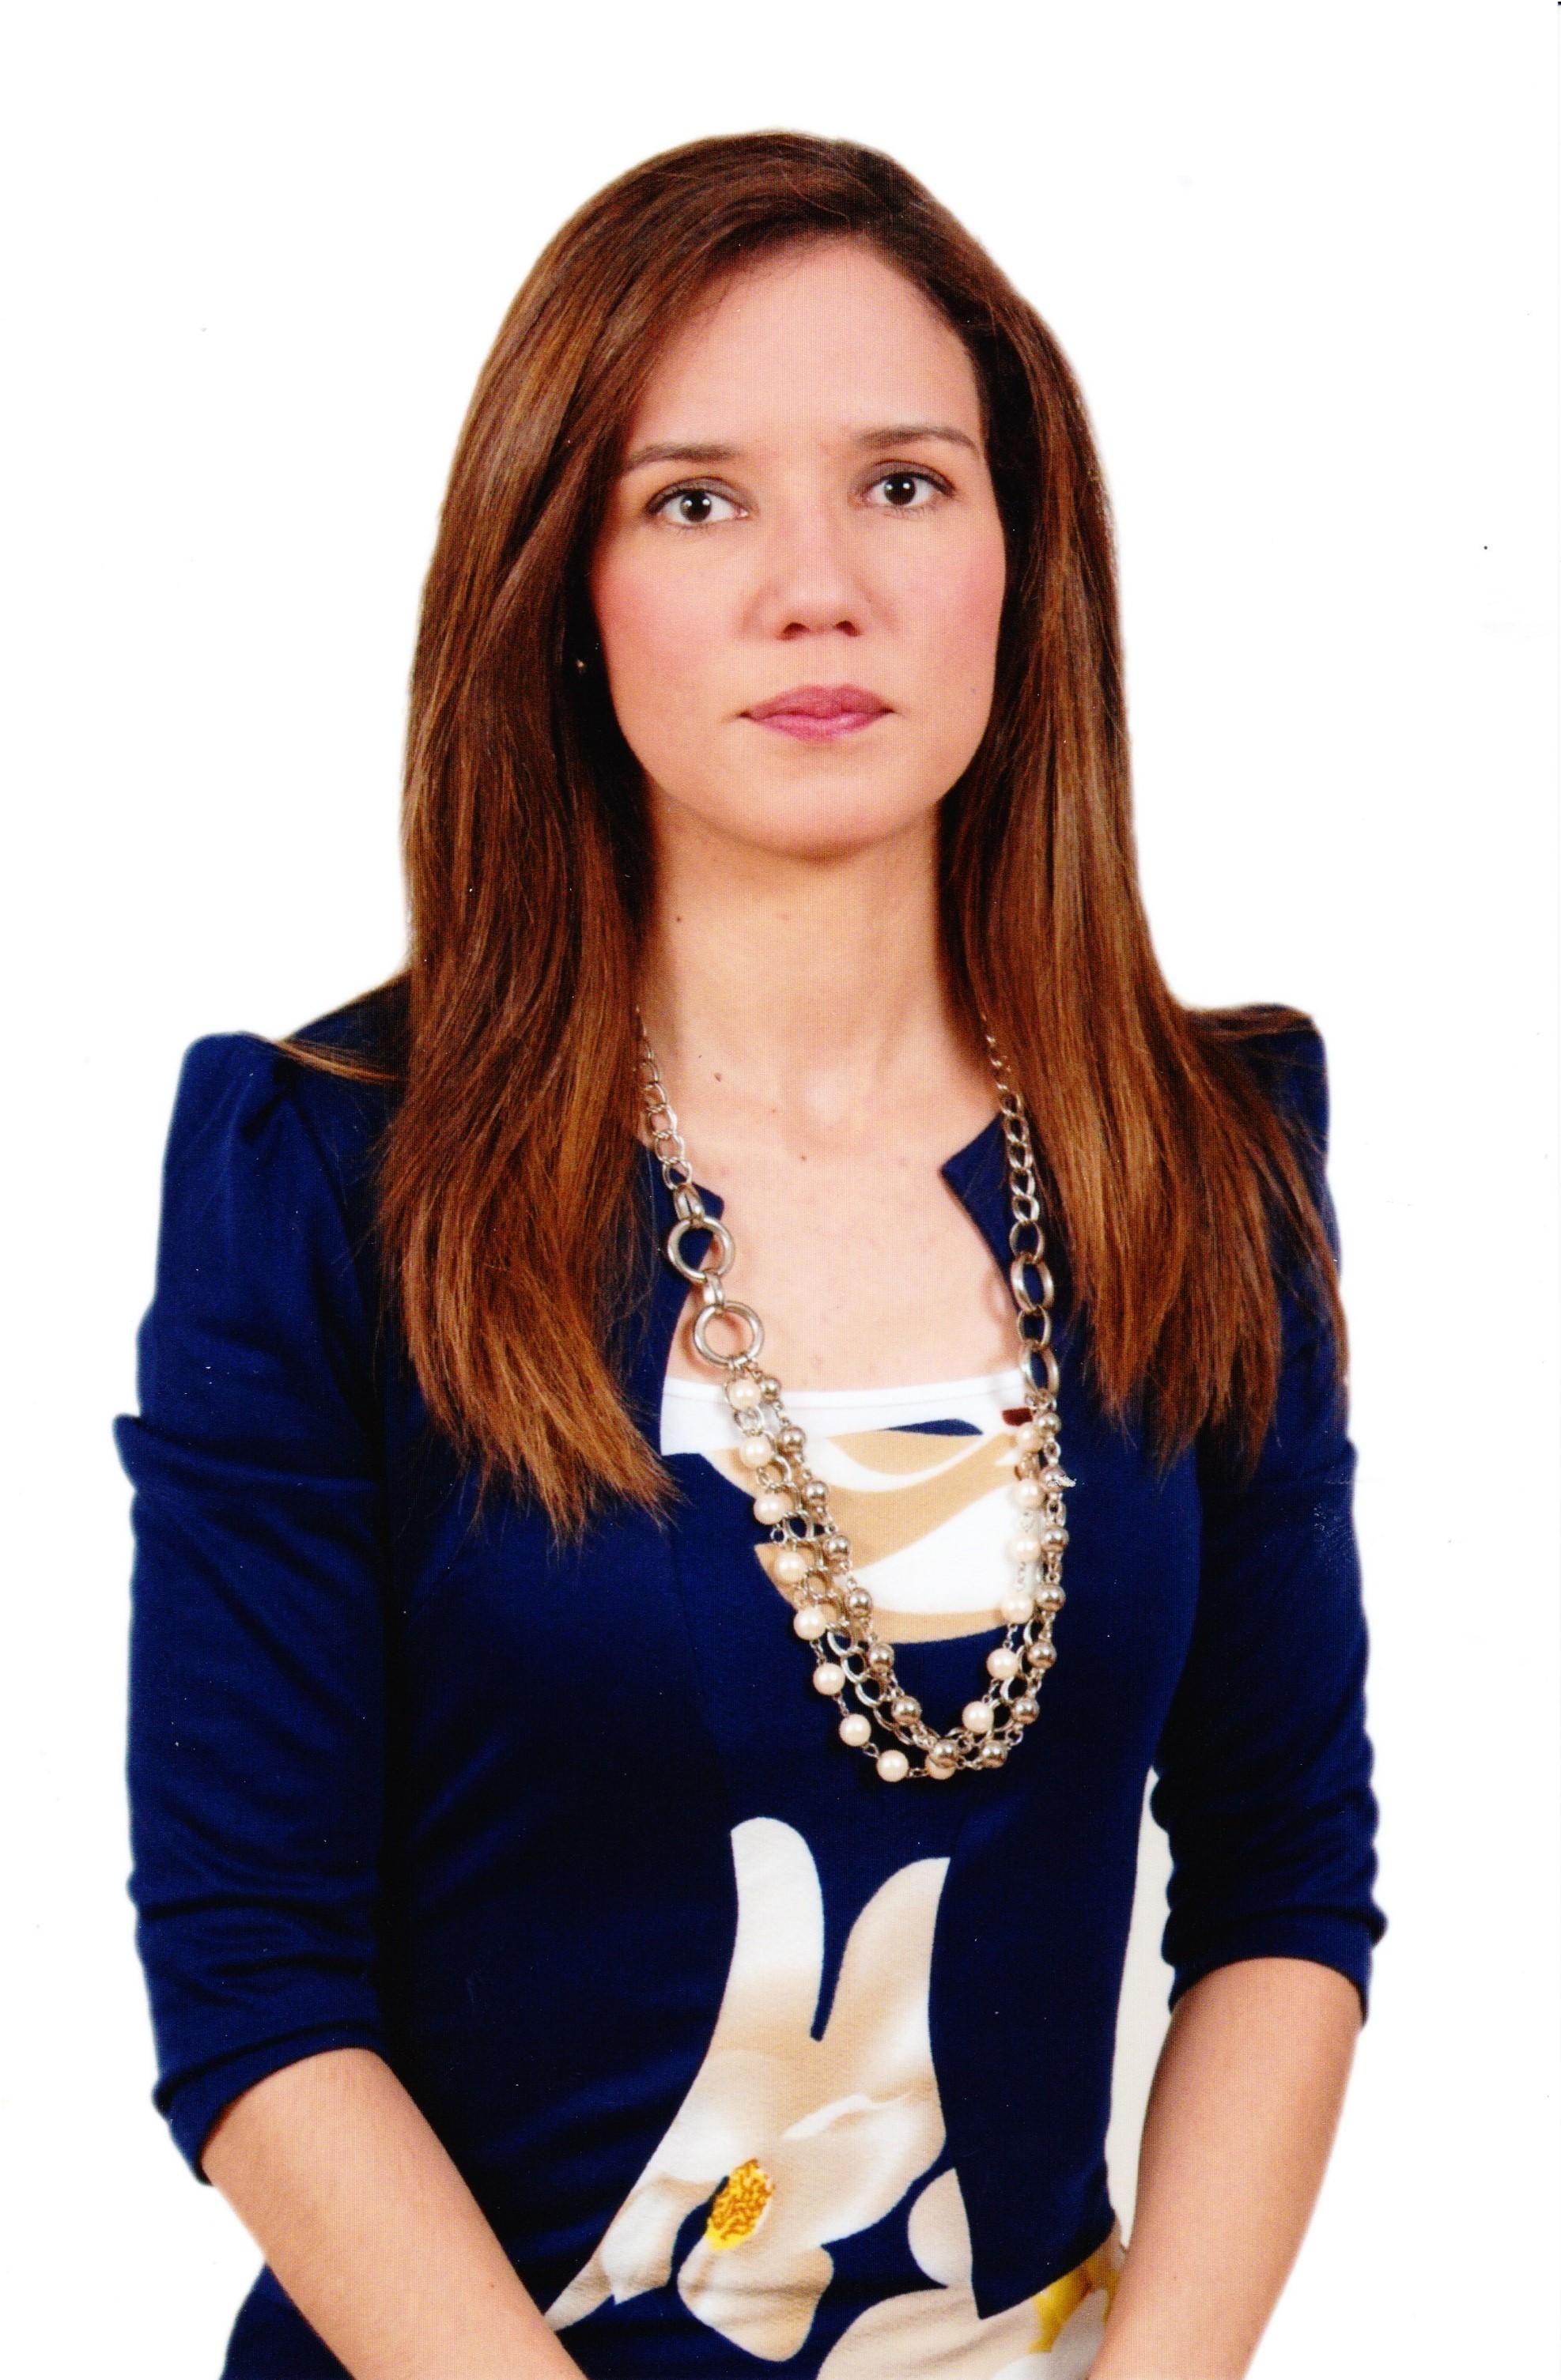 Dra. Rossana Pereira Rossis Ferreira